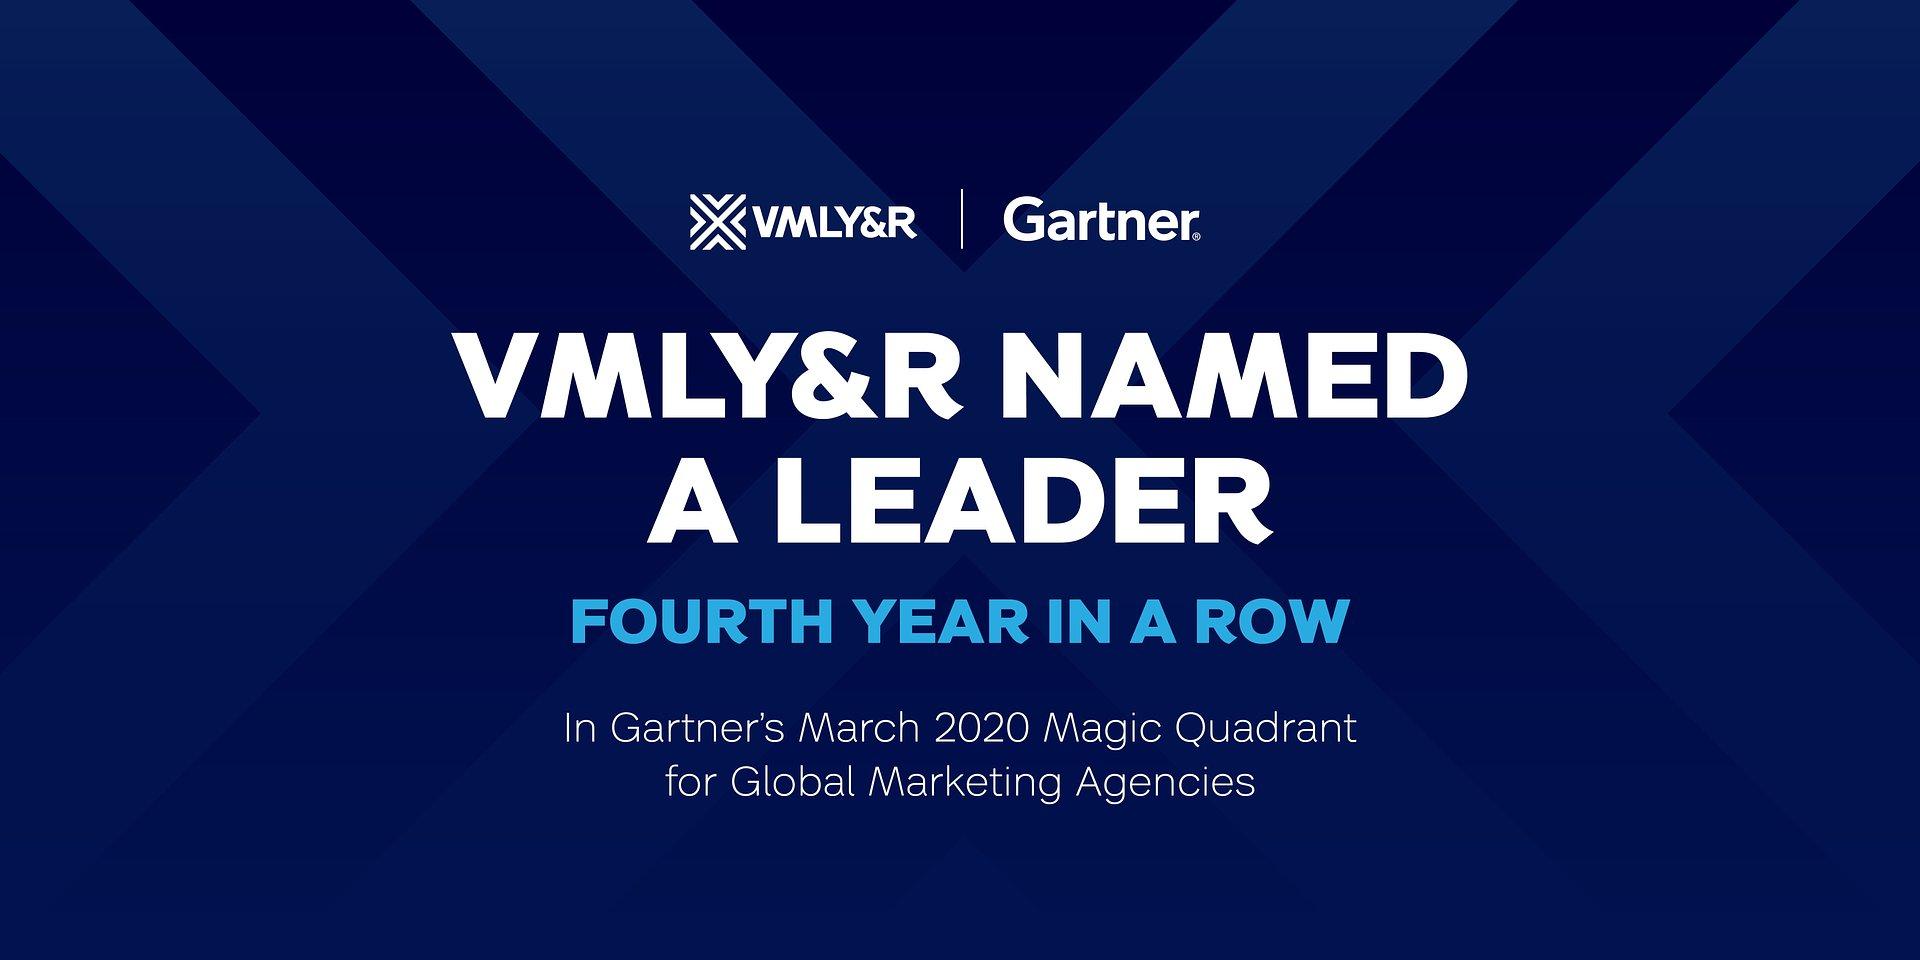 VMLY&R wśród Liderów w badaniu ośrodka Gartner - czwarty rok z rzędu